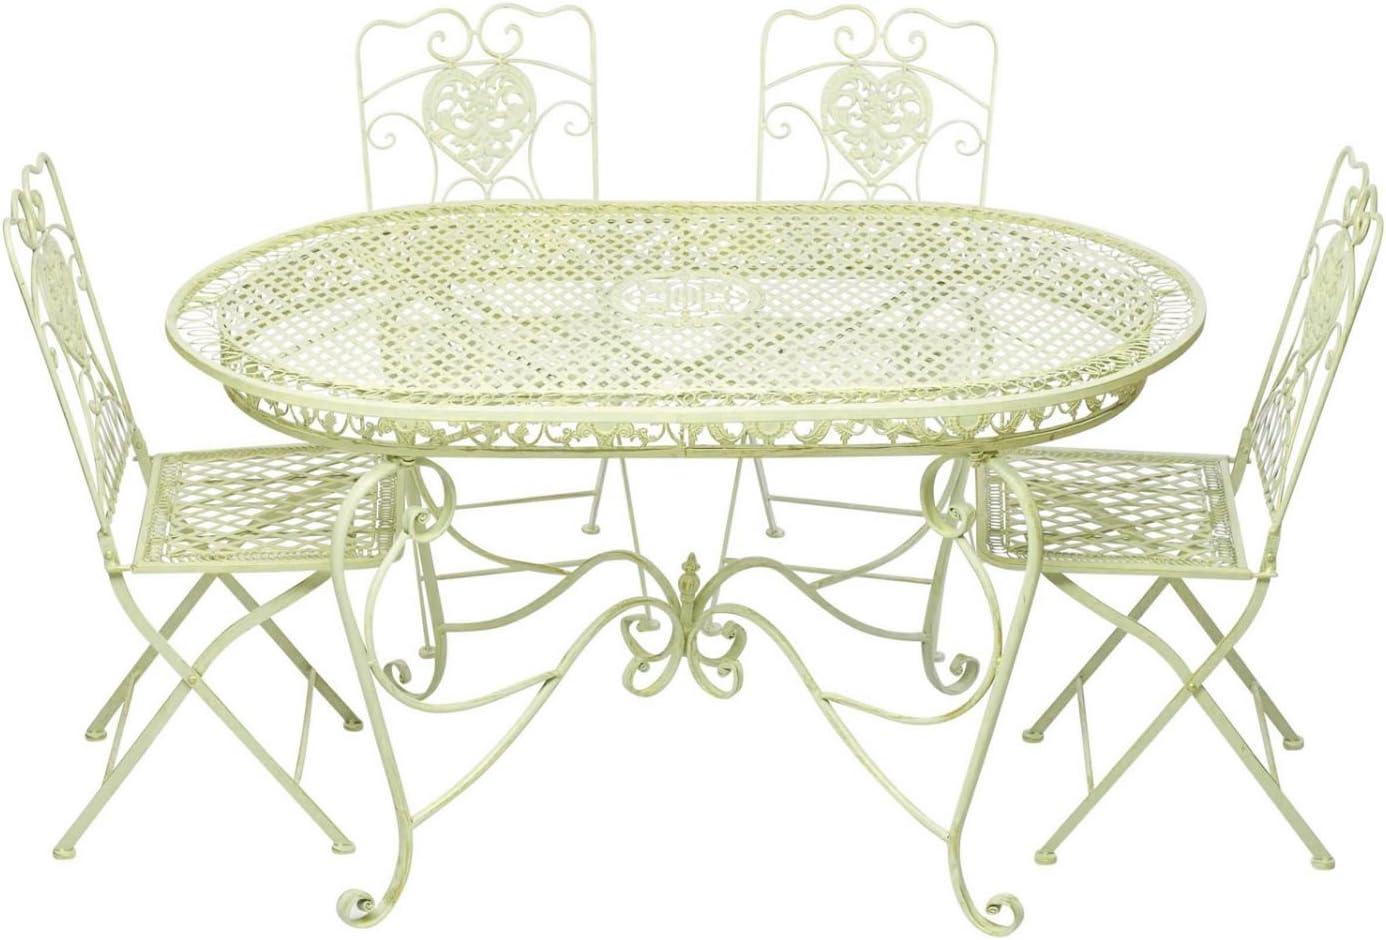 Garnitur Gartentisch 4 Stühle creme weiss Eisen Gartenmöbel Antikstil Nostalgie